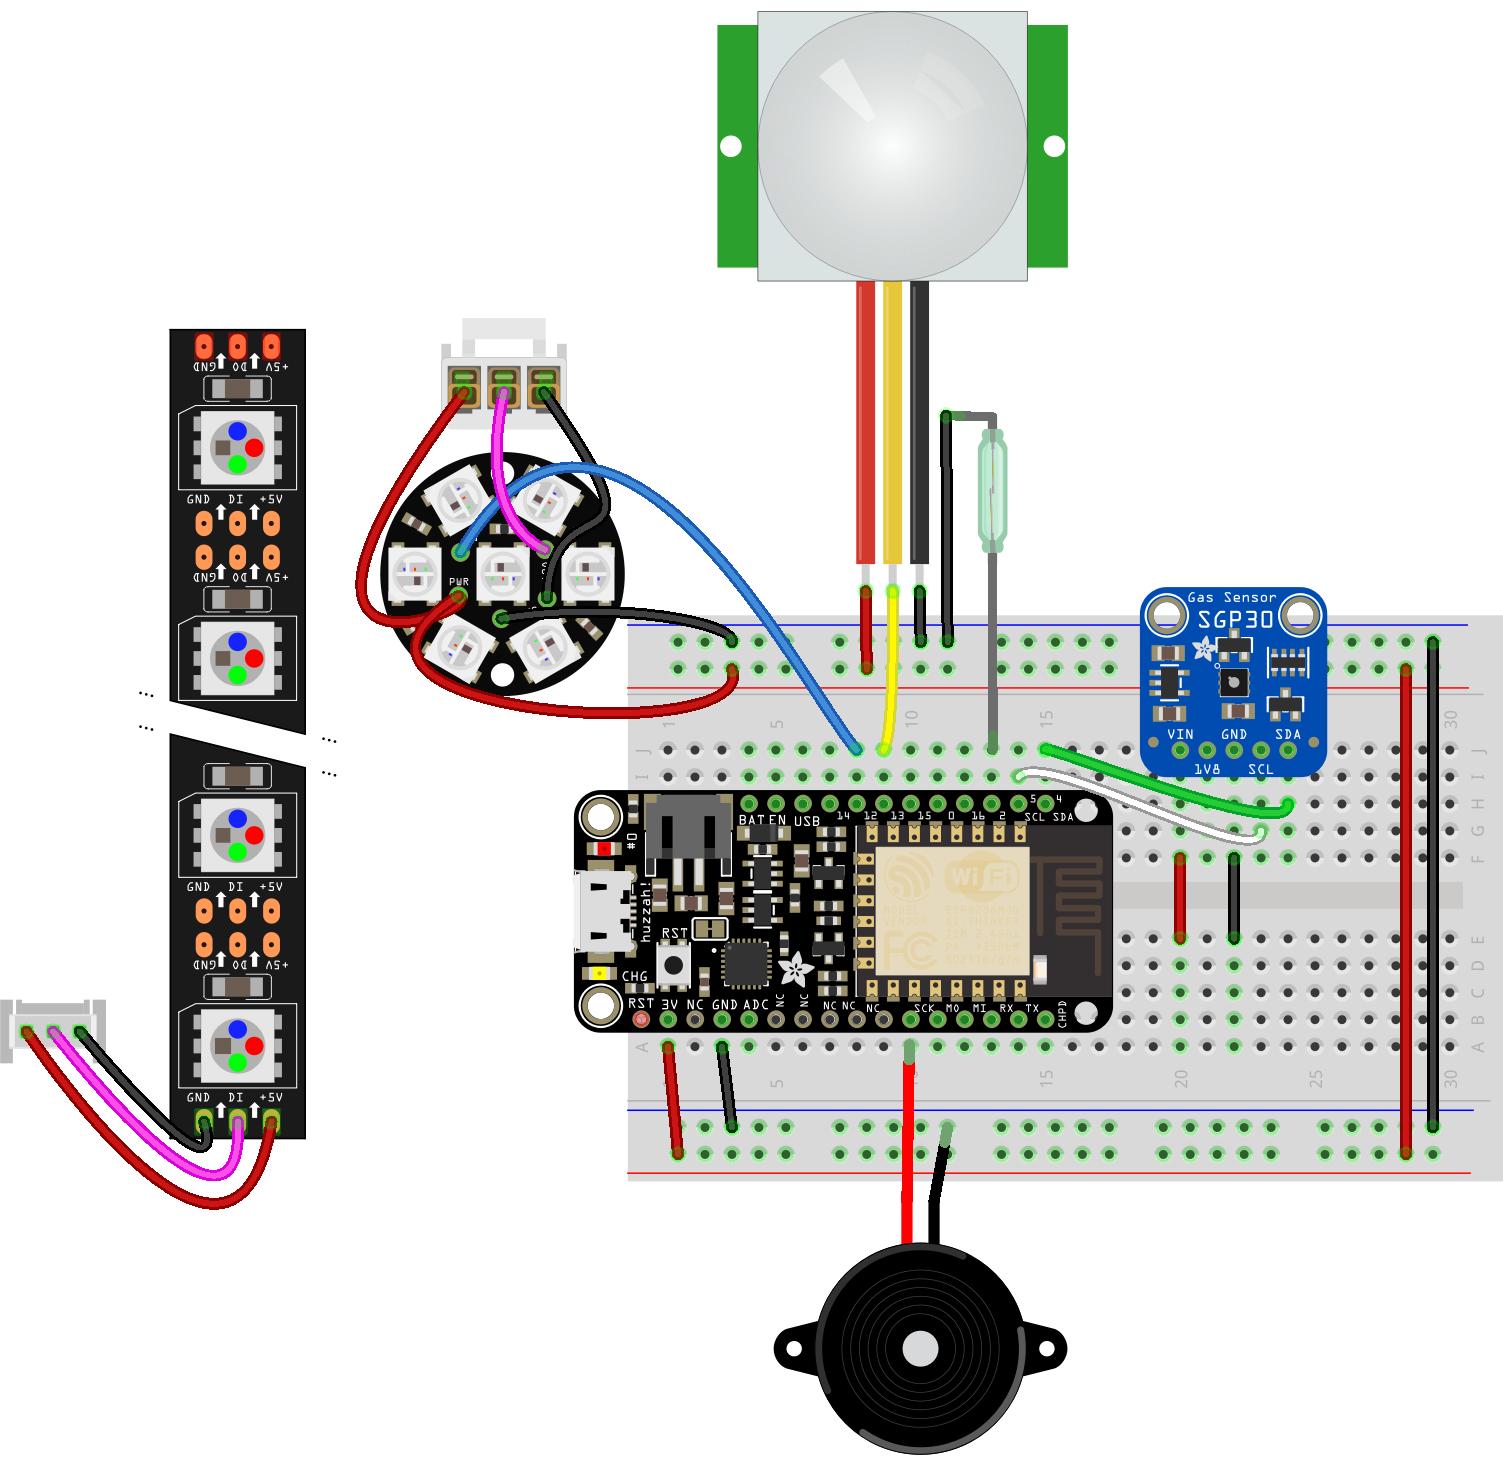 sensors_arduino-wiring-hero.png